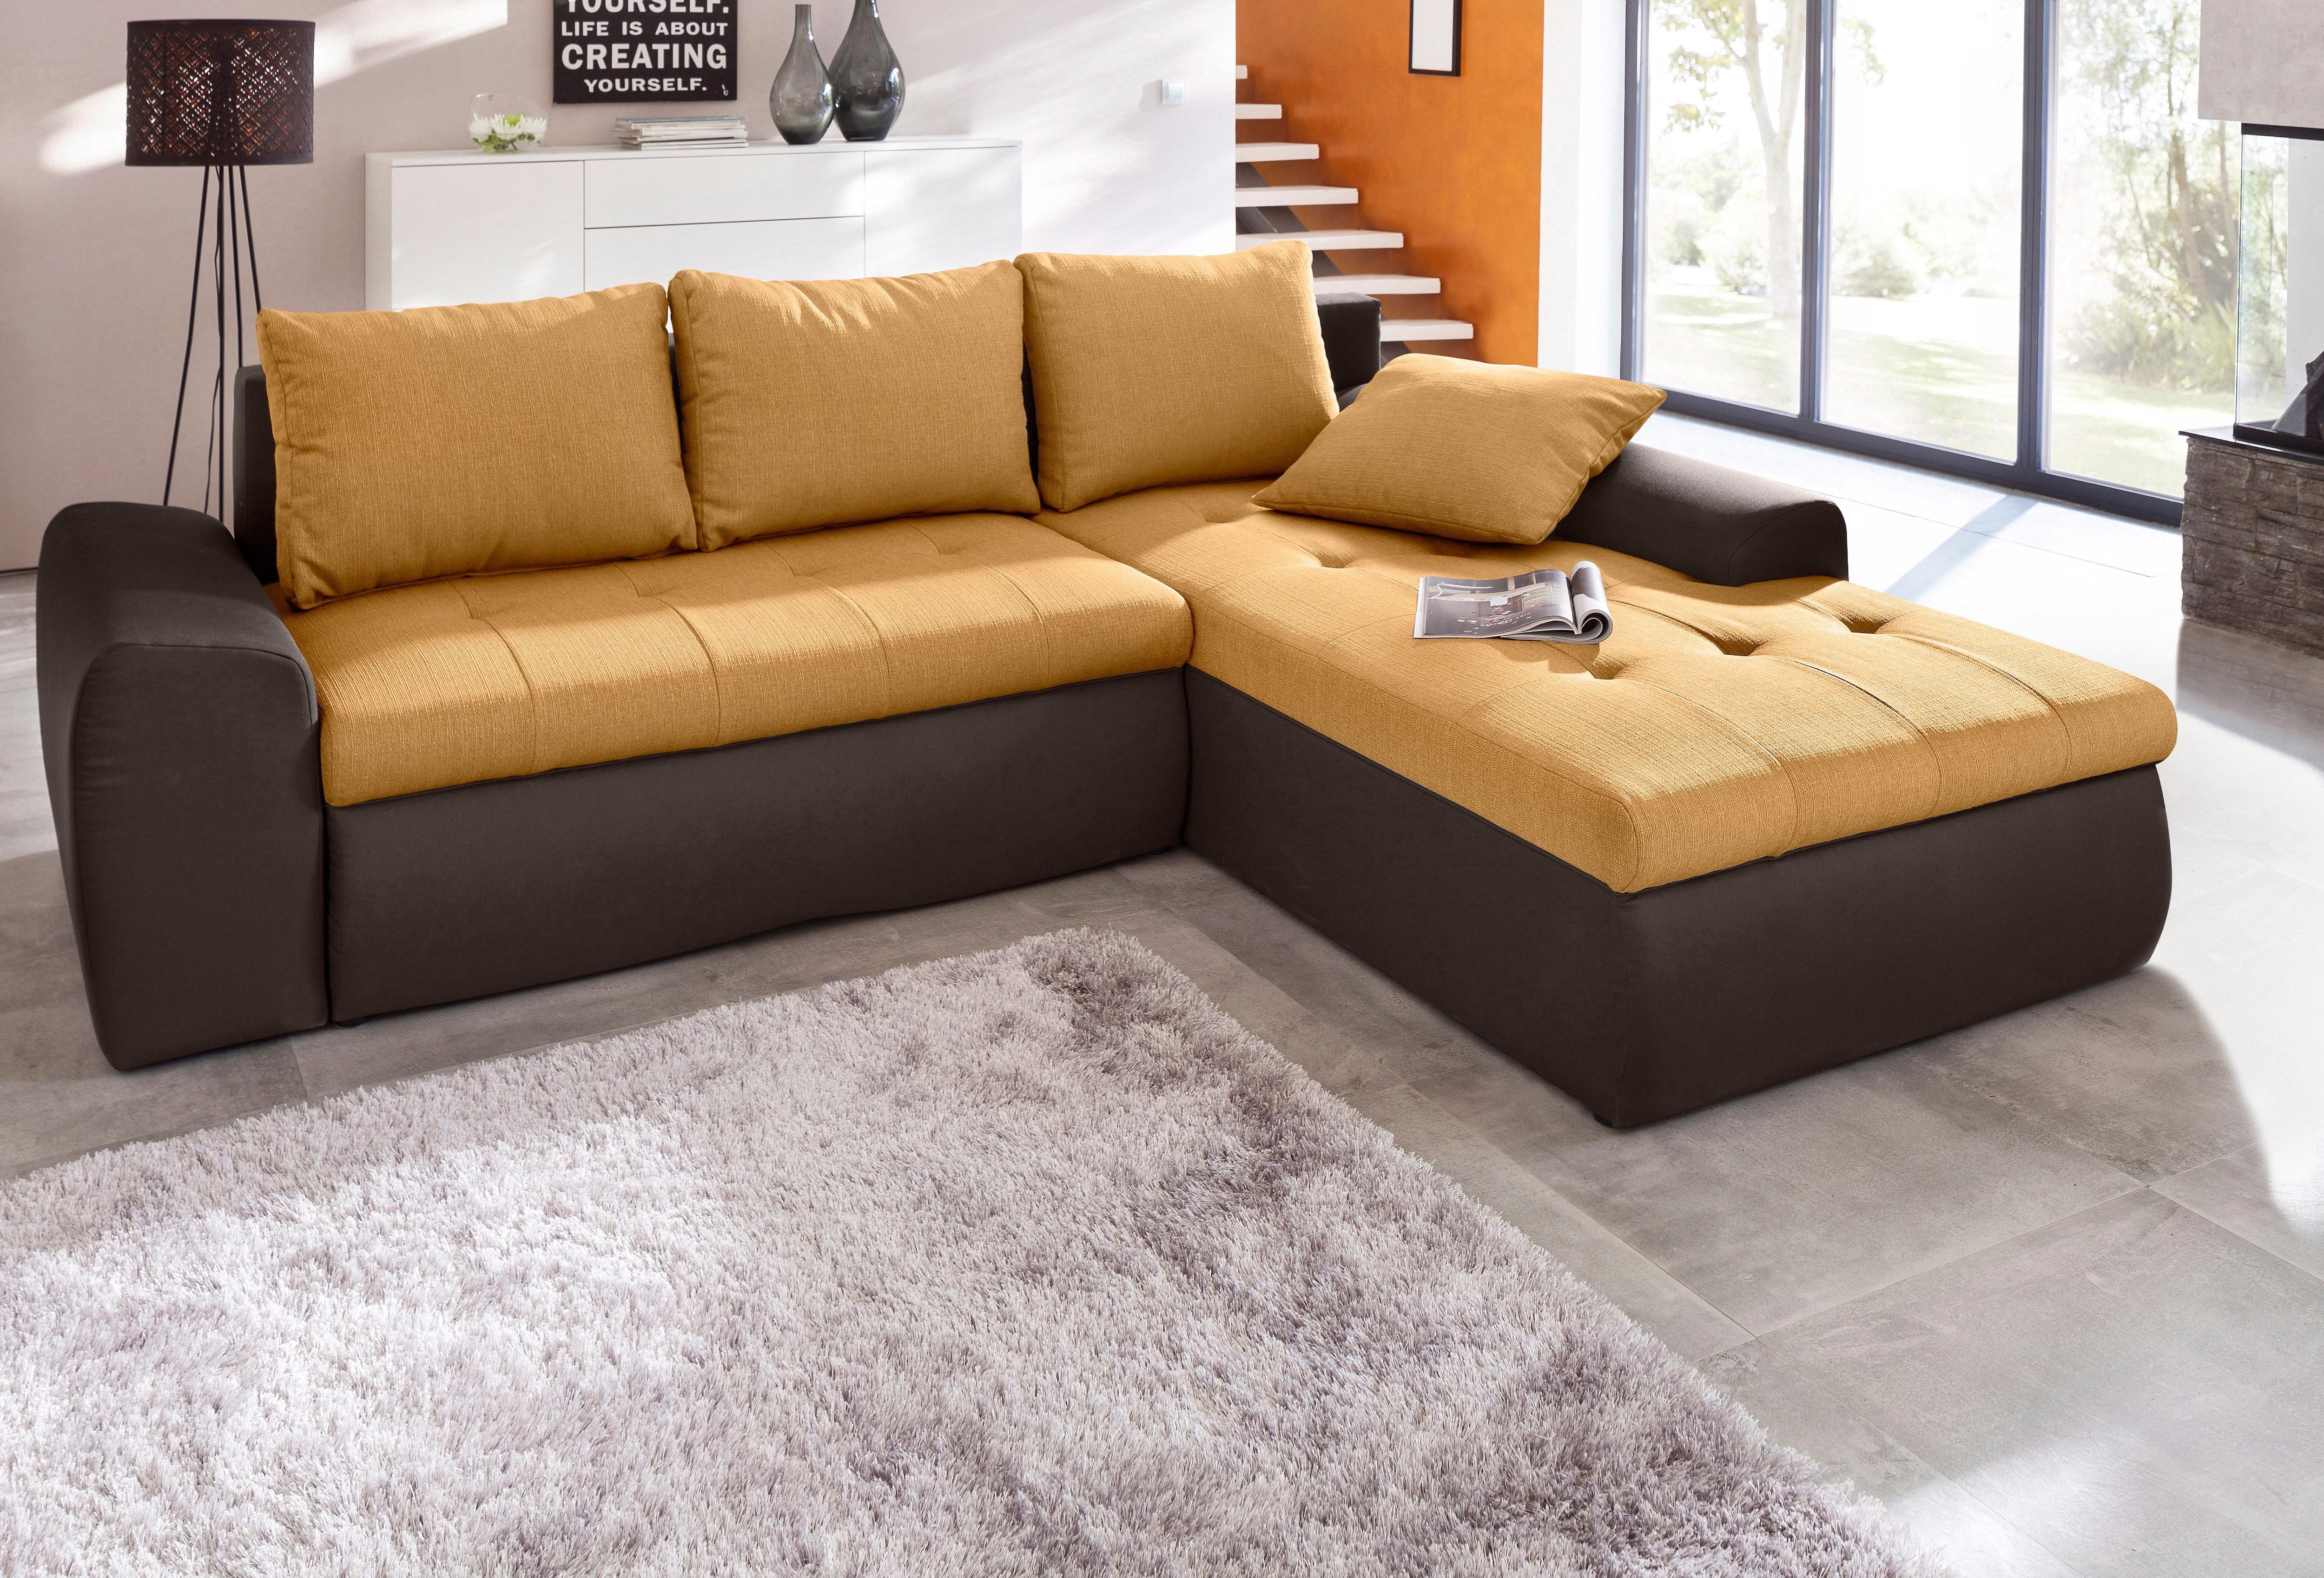 sit more polsterecke inklusive bettfunktion moebel suchmaschine. Black Bedroom Furniture Sets. Home Design Ideas